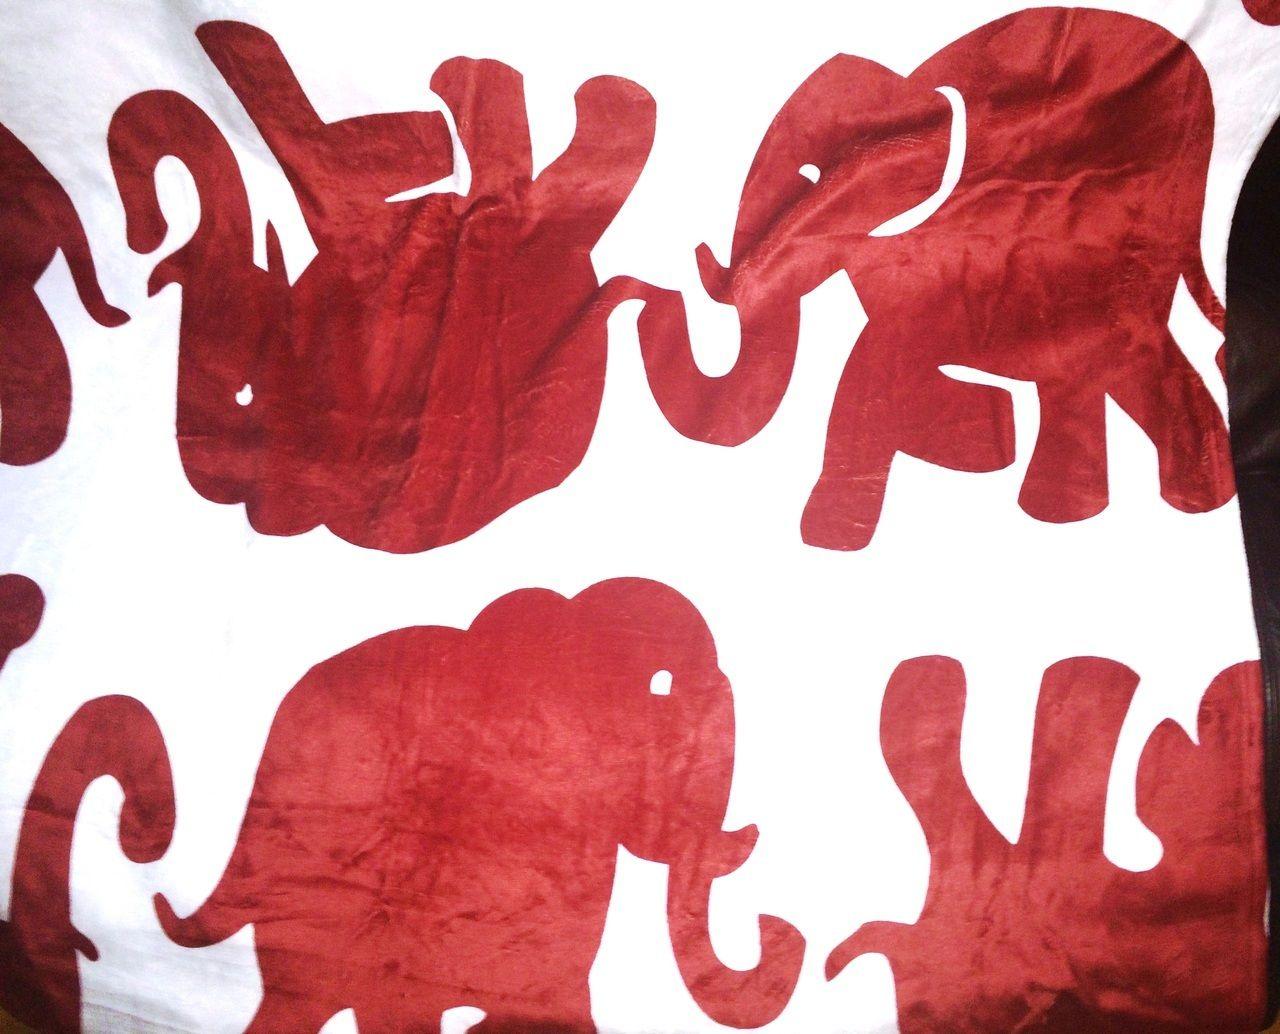 Designs By Dee S Hands Elephant Fleece Blanket Delta